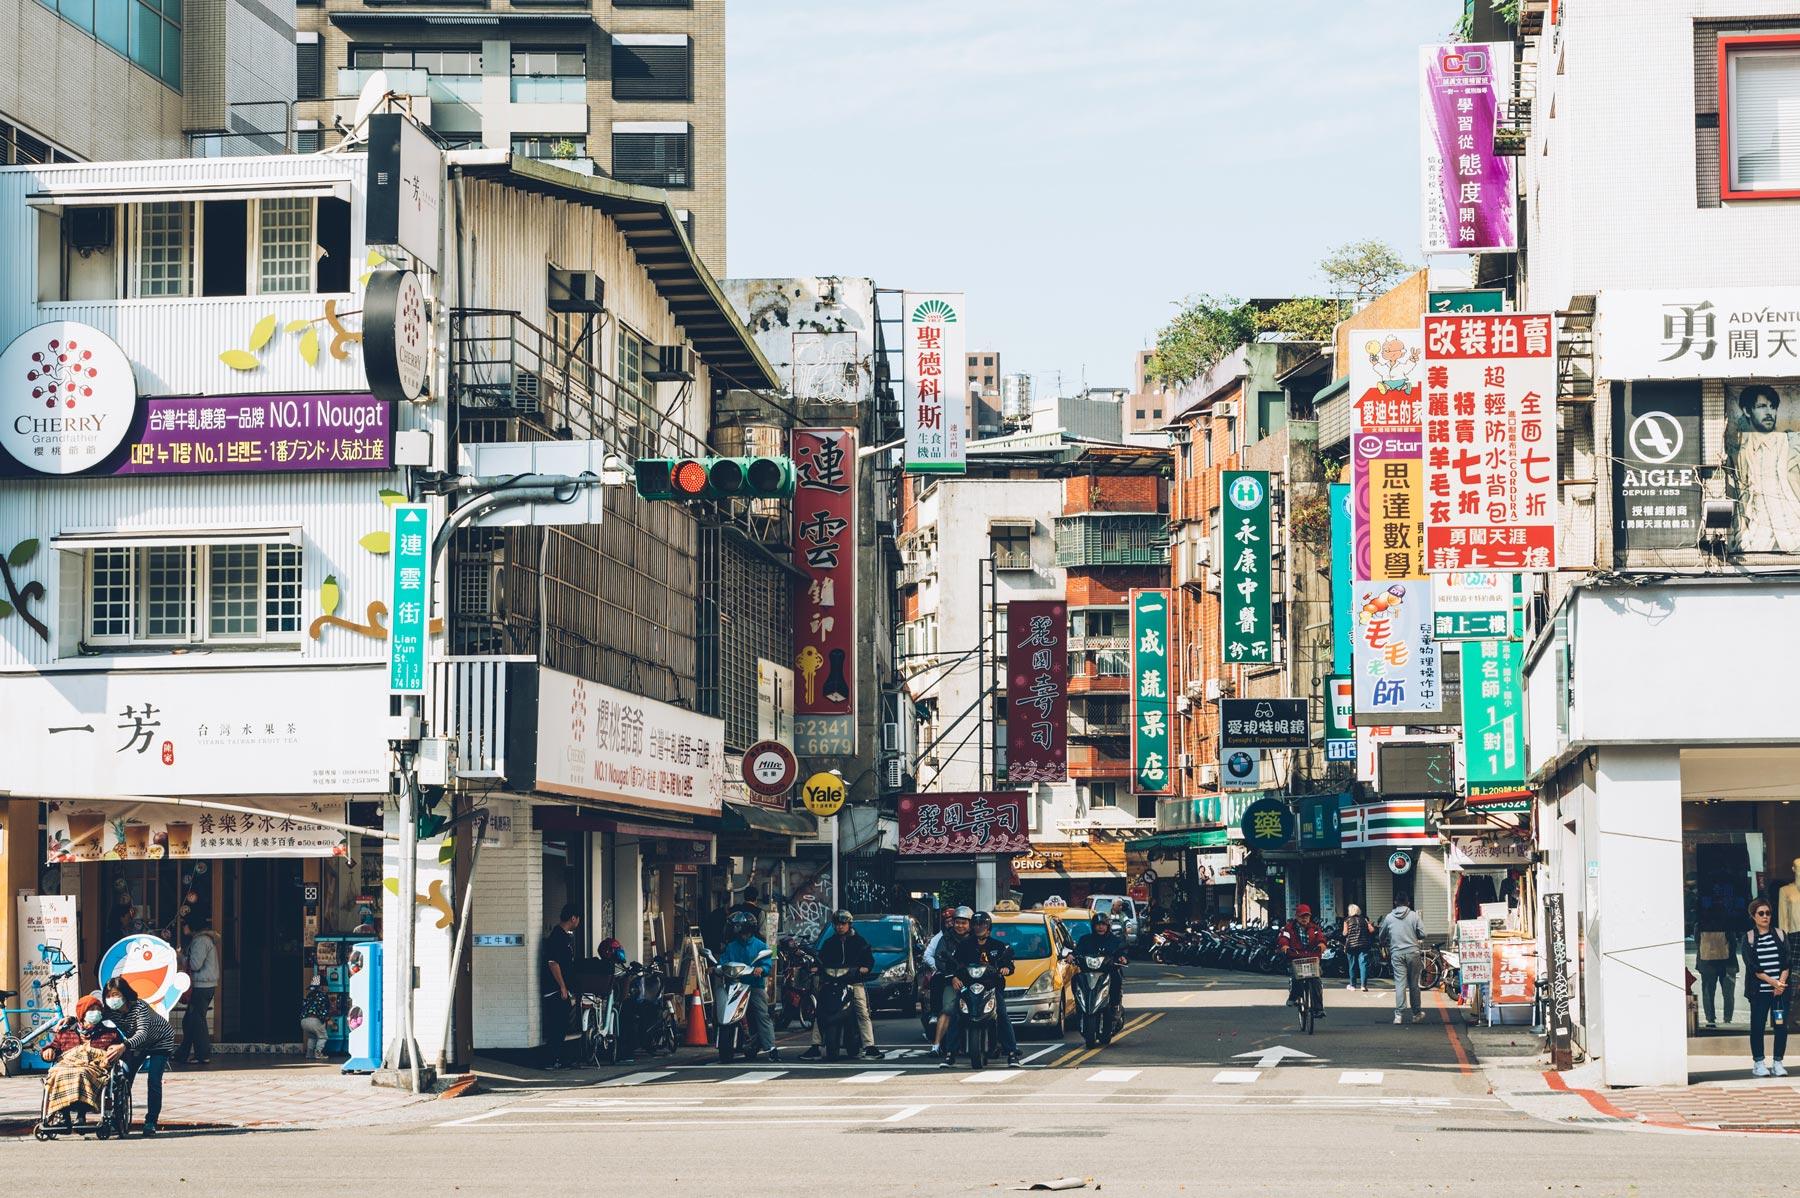 Rue Taipei